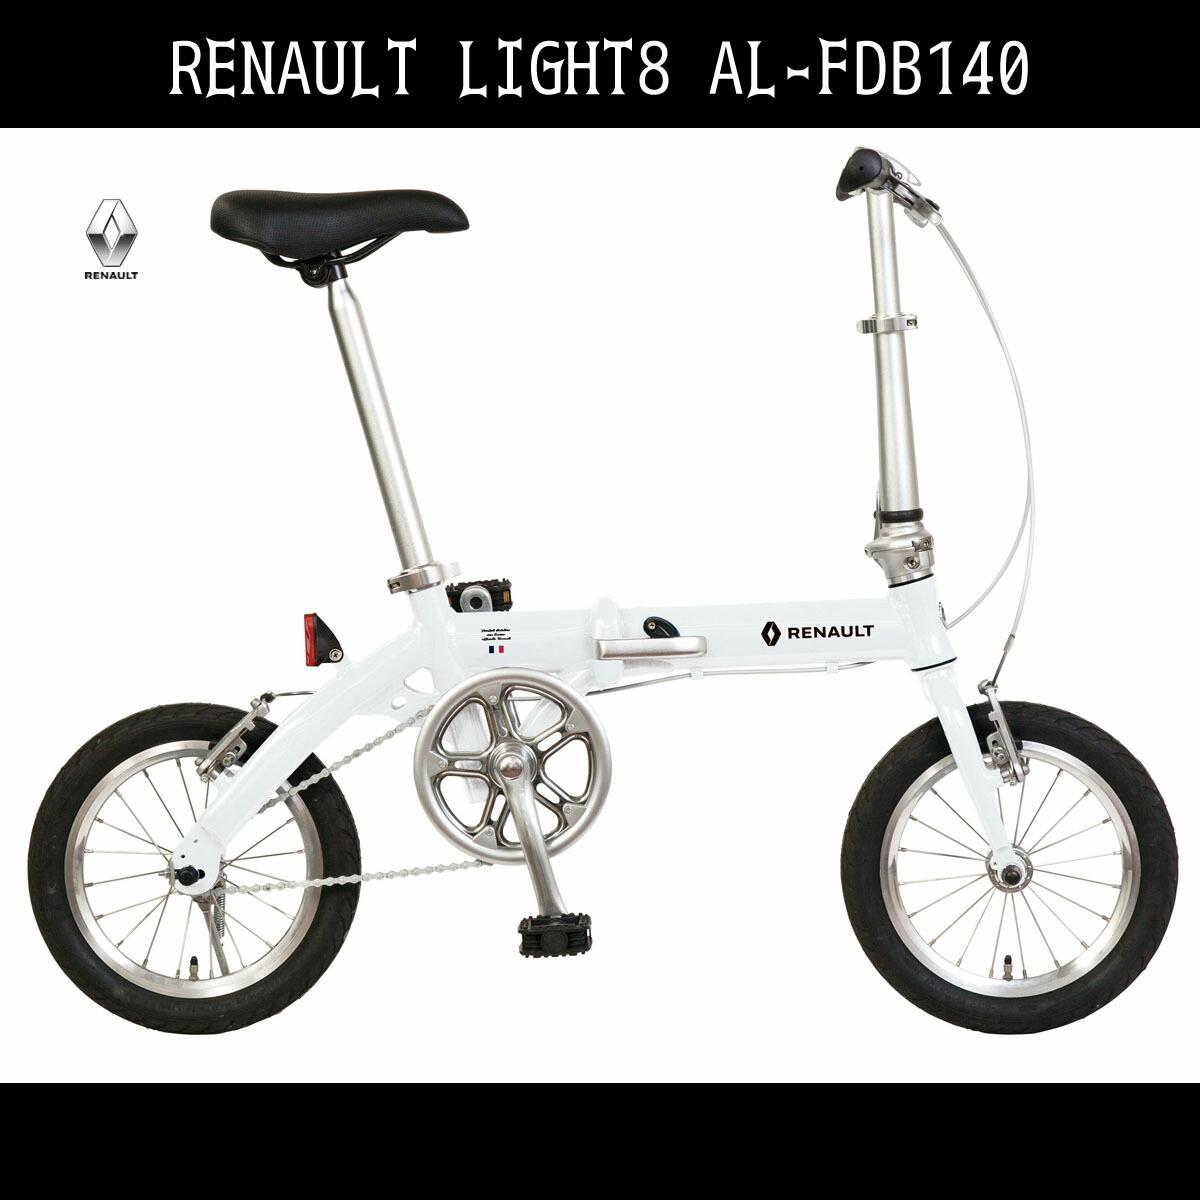 自転車 ルノー RENAULT 自転車 折りたたみ自転車 ホワイト/白14インチ 軽量 折りたたみ自転車 ギアなし ルノー LIGHT8 AL-FDB140 ライトエイト アルミニウム 軽量